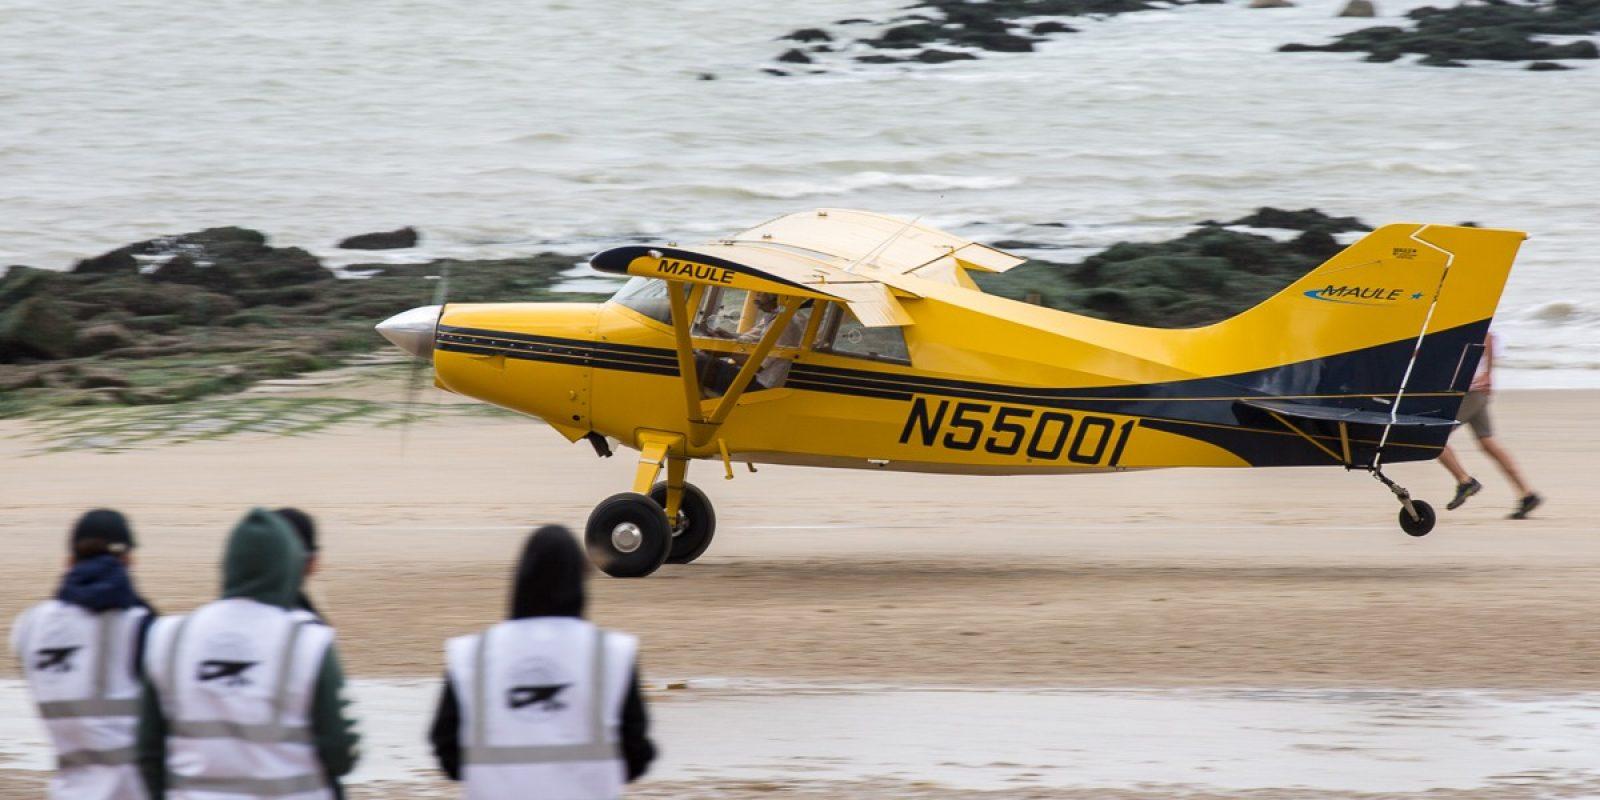 Het deelnemersveld is van 't jaar beperkt tot 30 vliegtuigen die meteen ook beter uitgerust moeten zijn voor het STOL-werk.  Short Take Off and Landing op het strand.